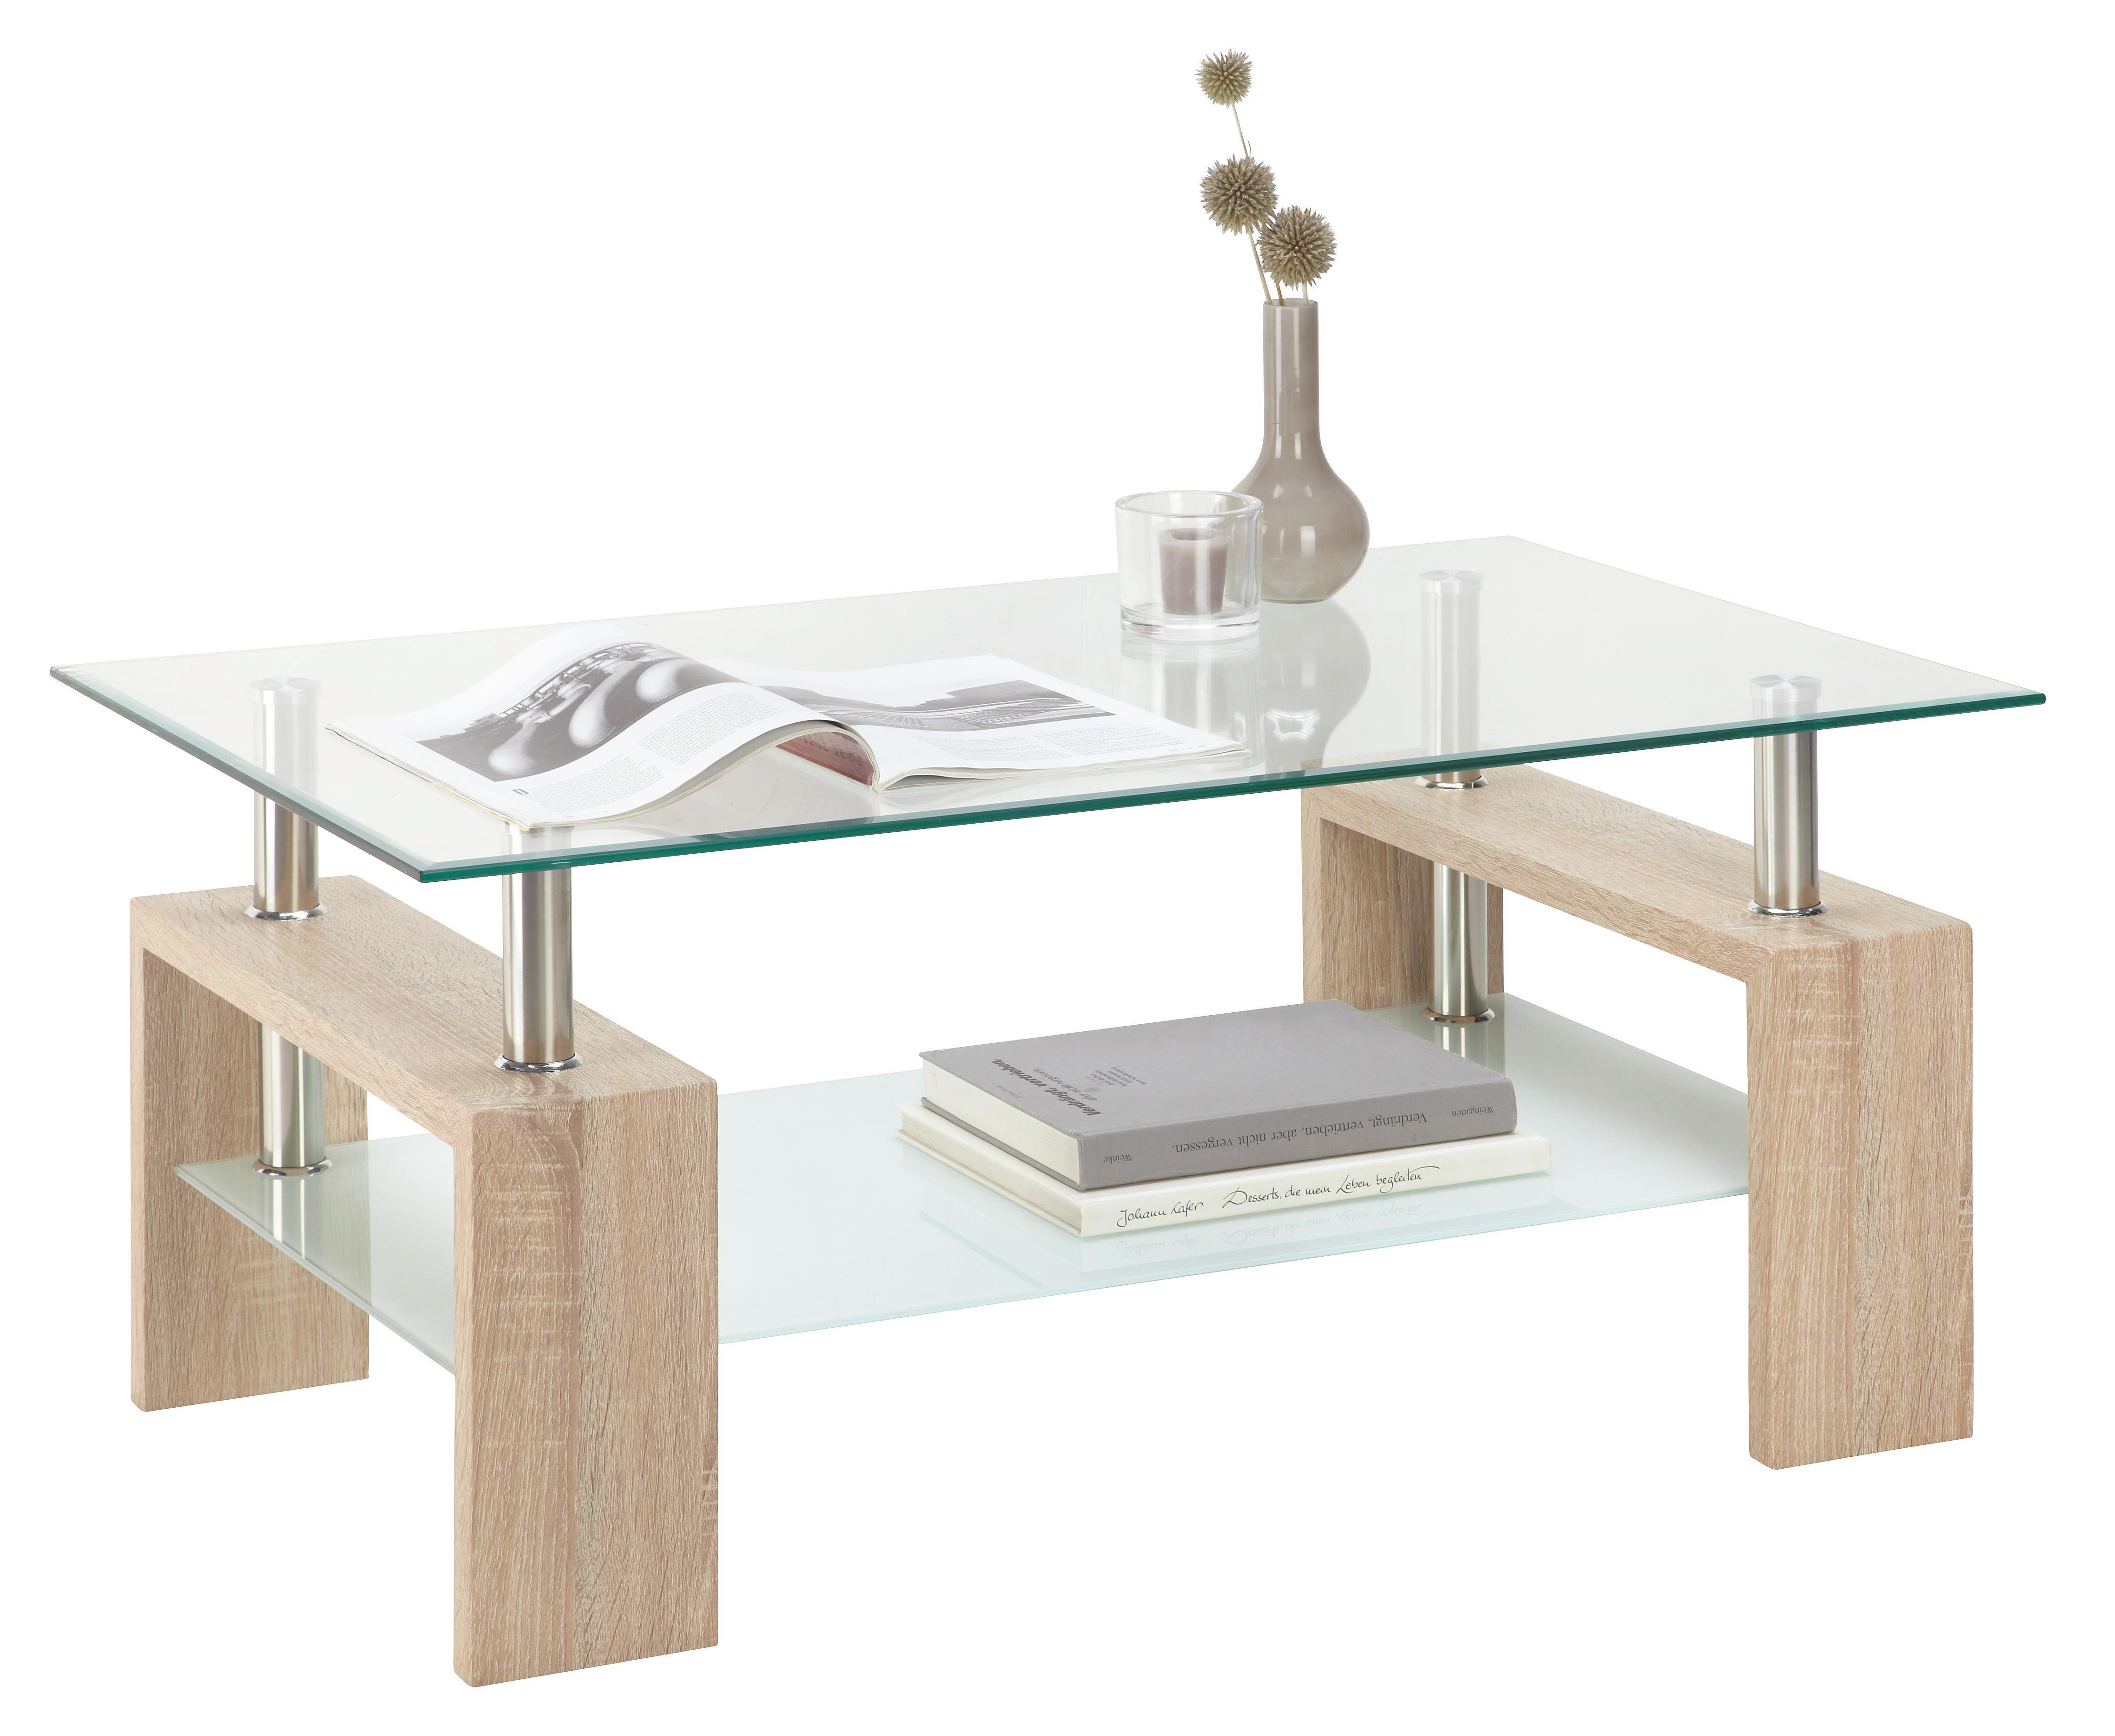 couchtisch mit glaseinlage free couchtisch glas betonoptik klargrau modern glas with couchtisch. Black Bedroom Furniture Sets. Home Design Ideas